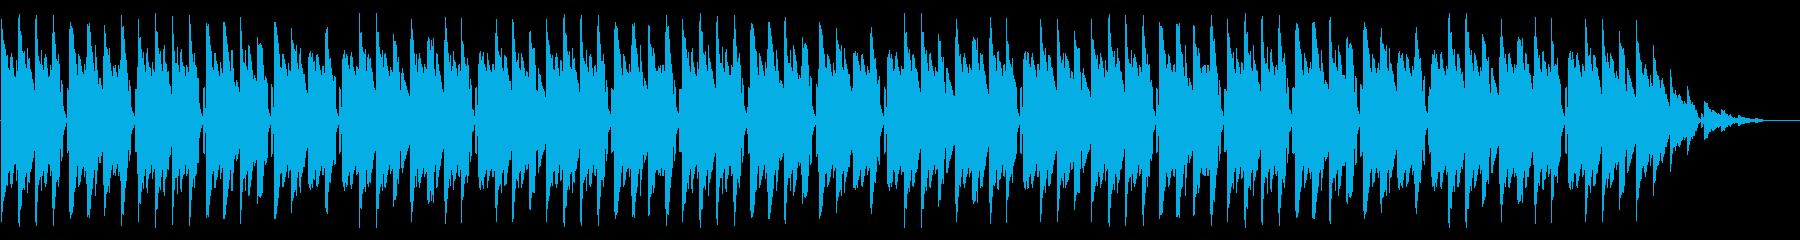 GB風RPGの街の曲の再生済みの波形